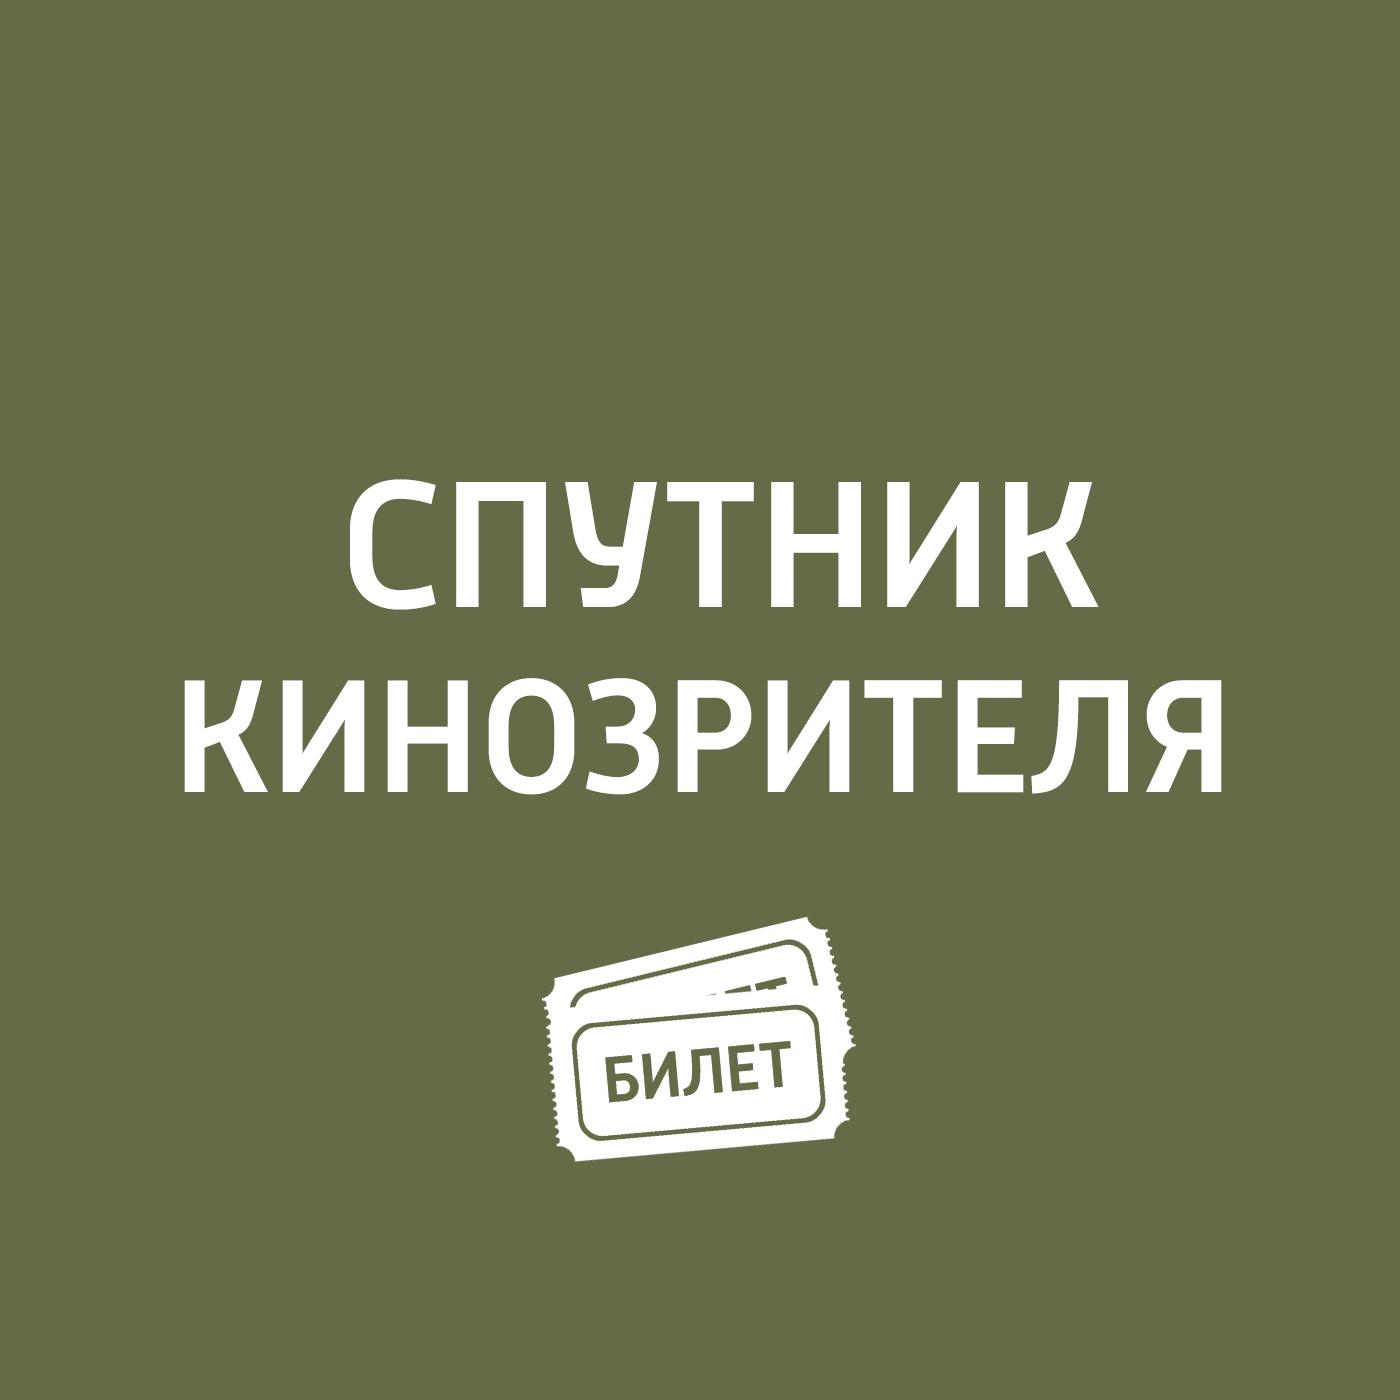 Антон Долин Берлинале 2016. Да здравствует Цезарь!